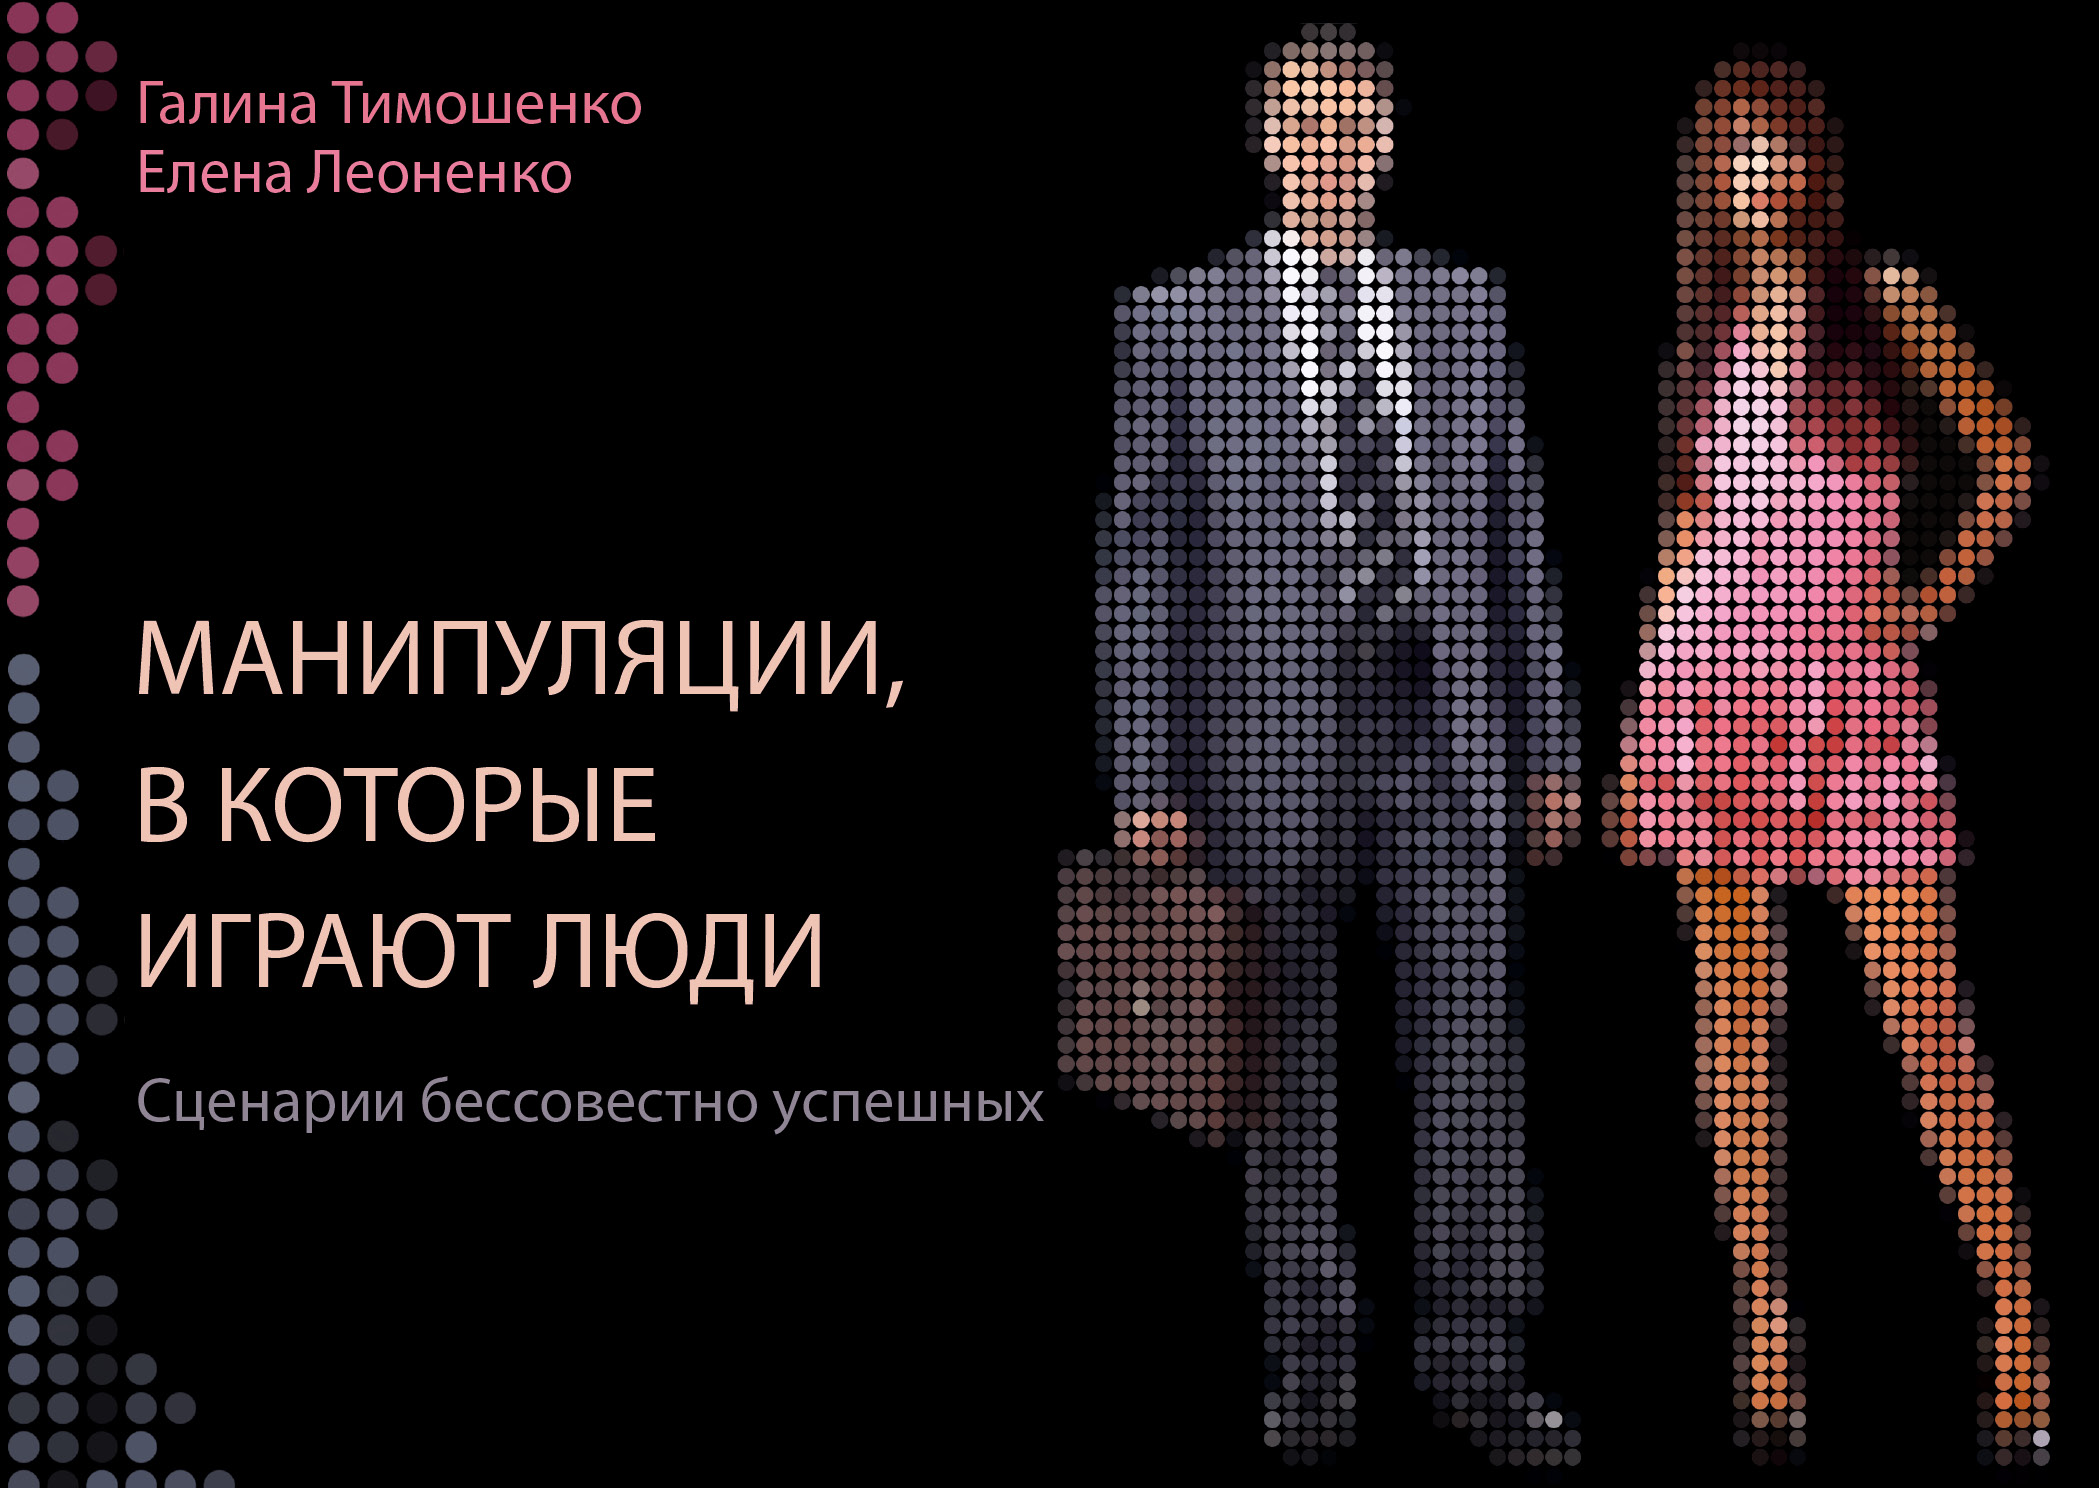 Тимошенко Г.В., Леоненко Е.А. Манипуляции, в которые играют люди манипуляции в которые играют люди сценарии бессовестно успешных